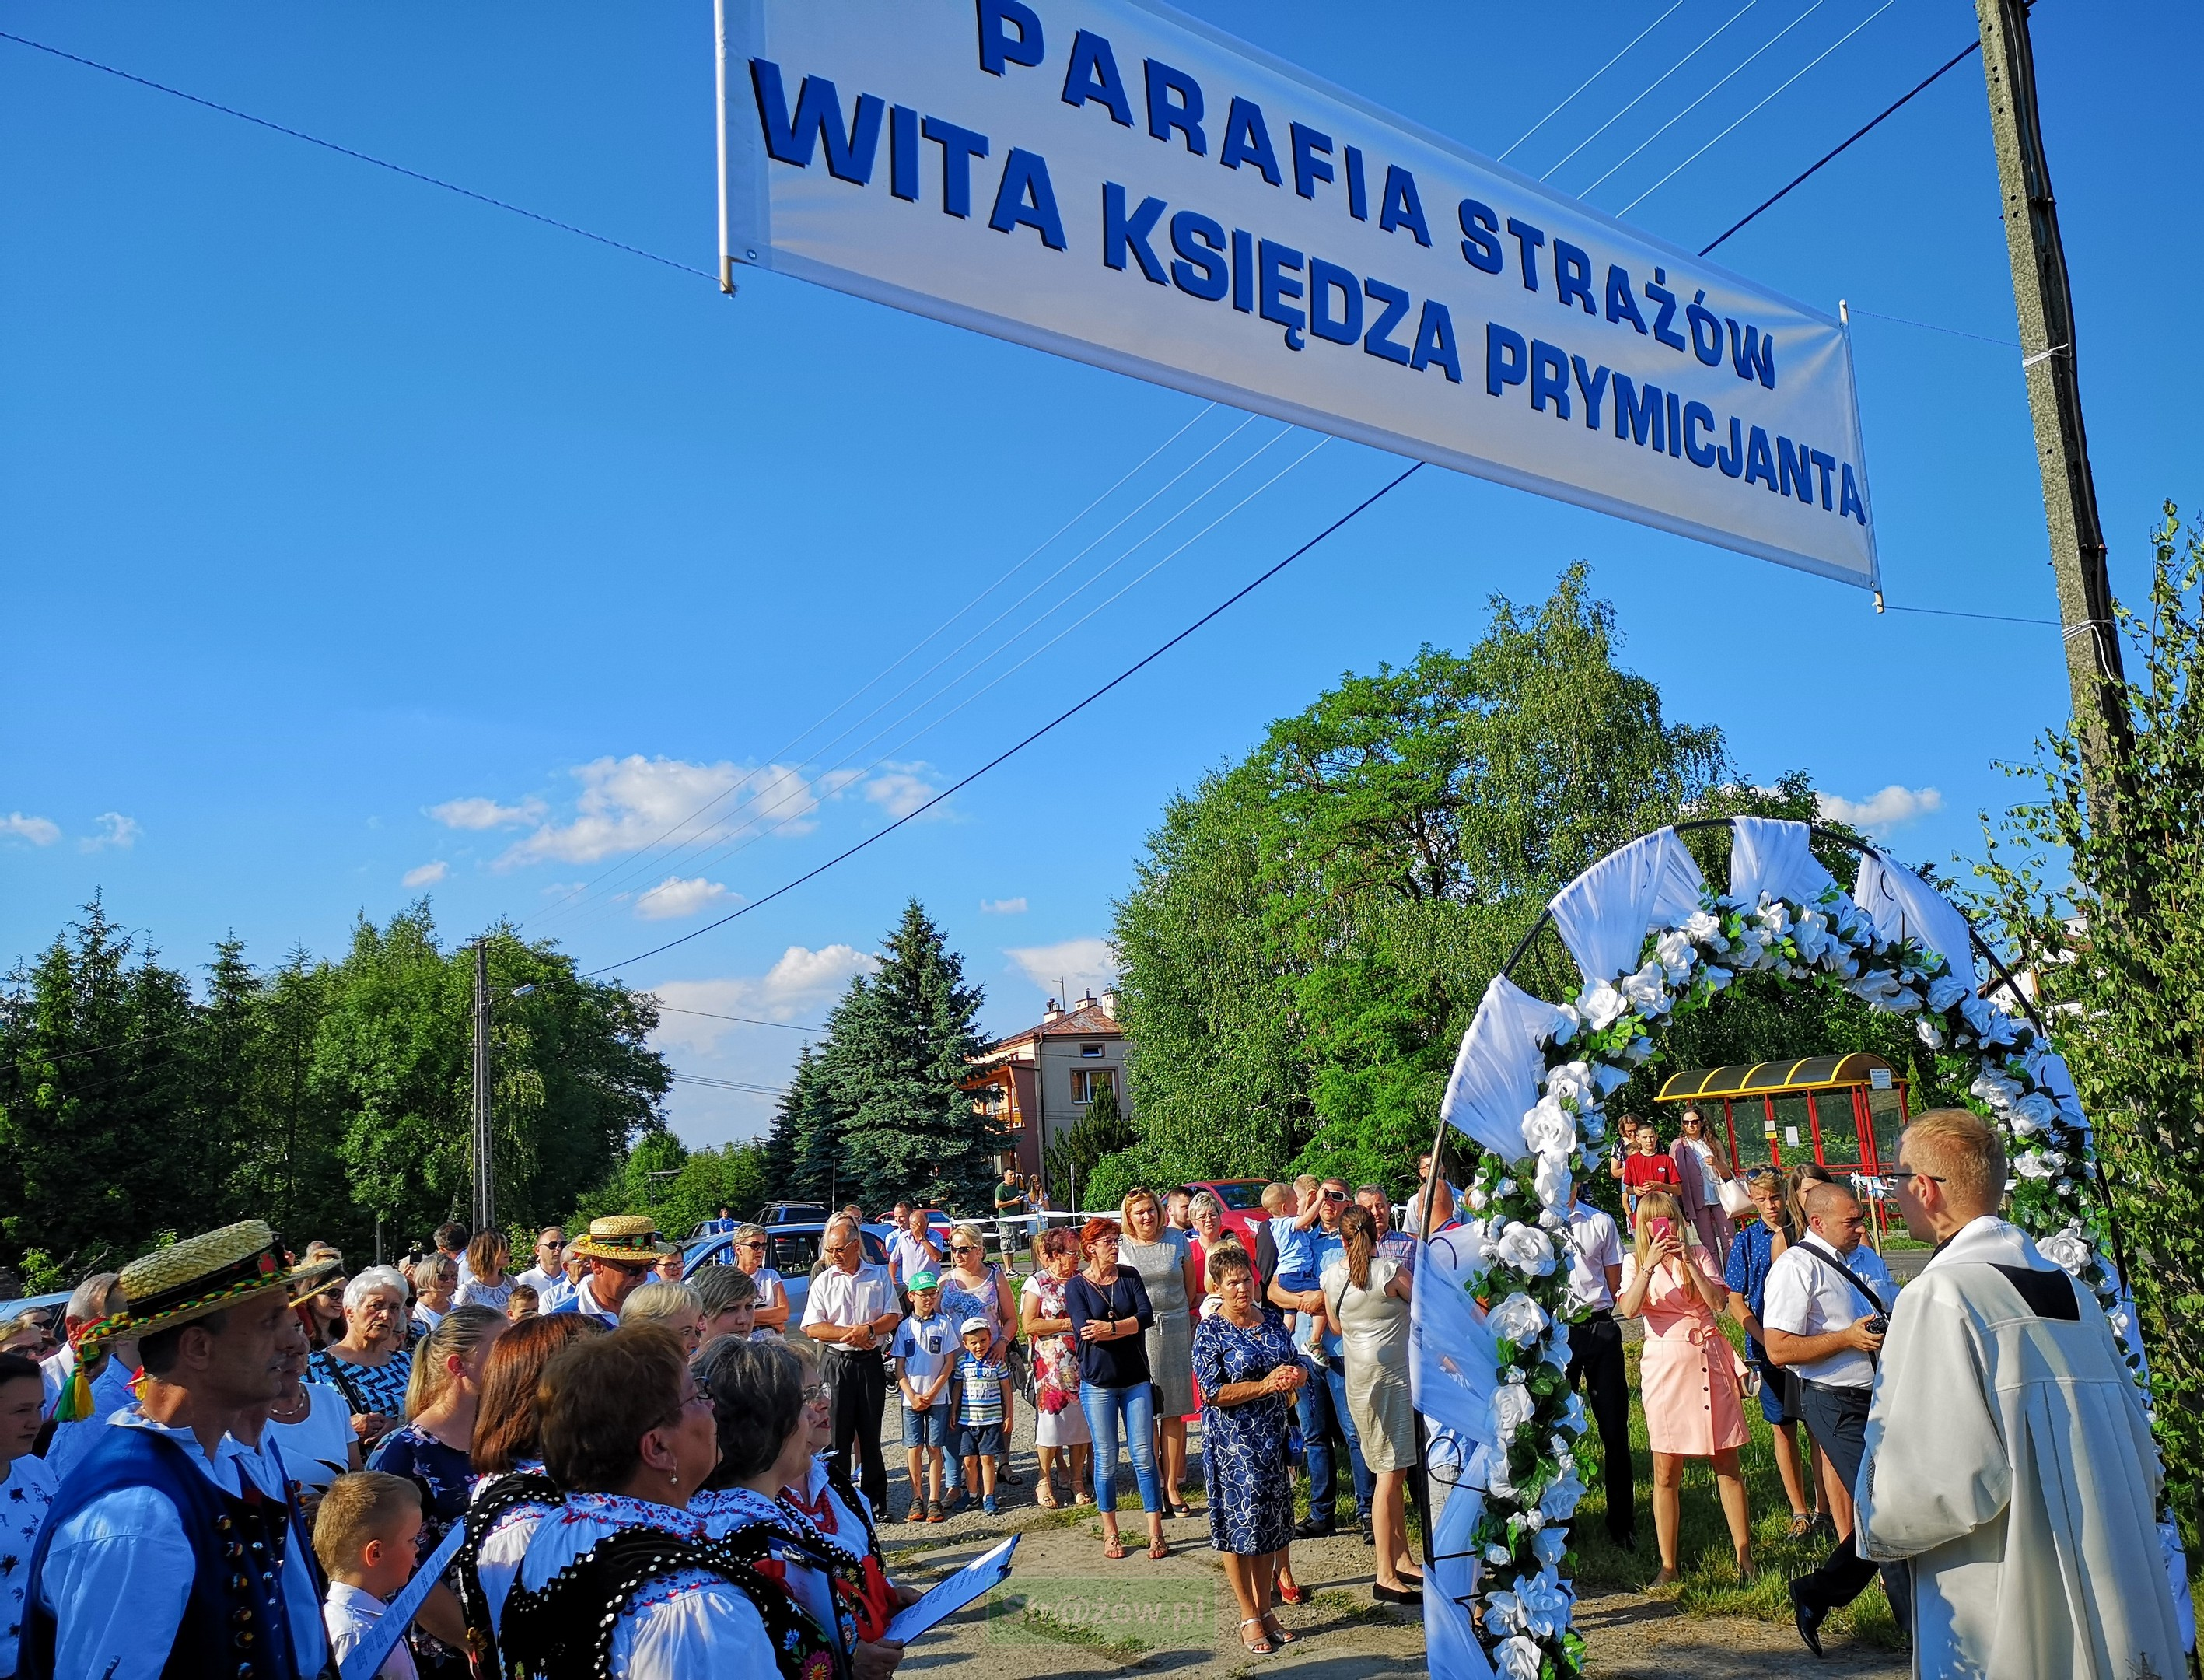 Powitanie ks. prymicjanta w parafii Strażów